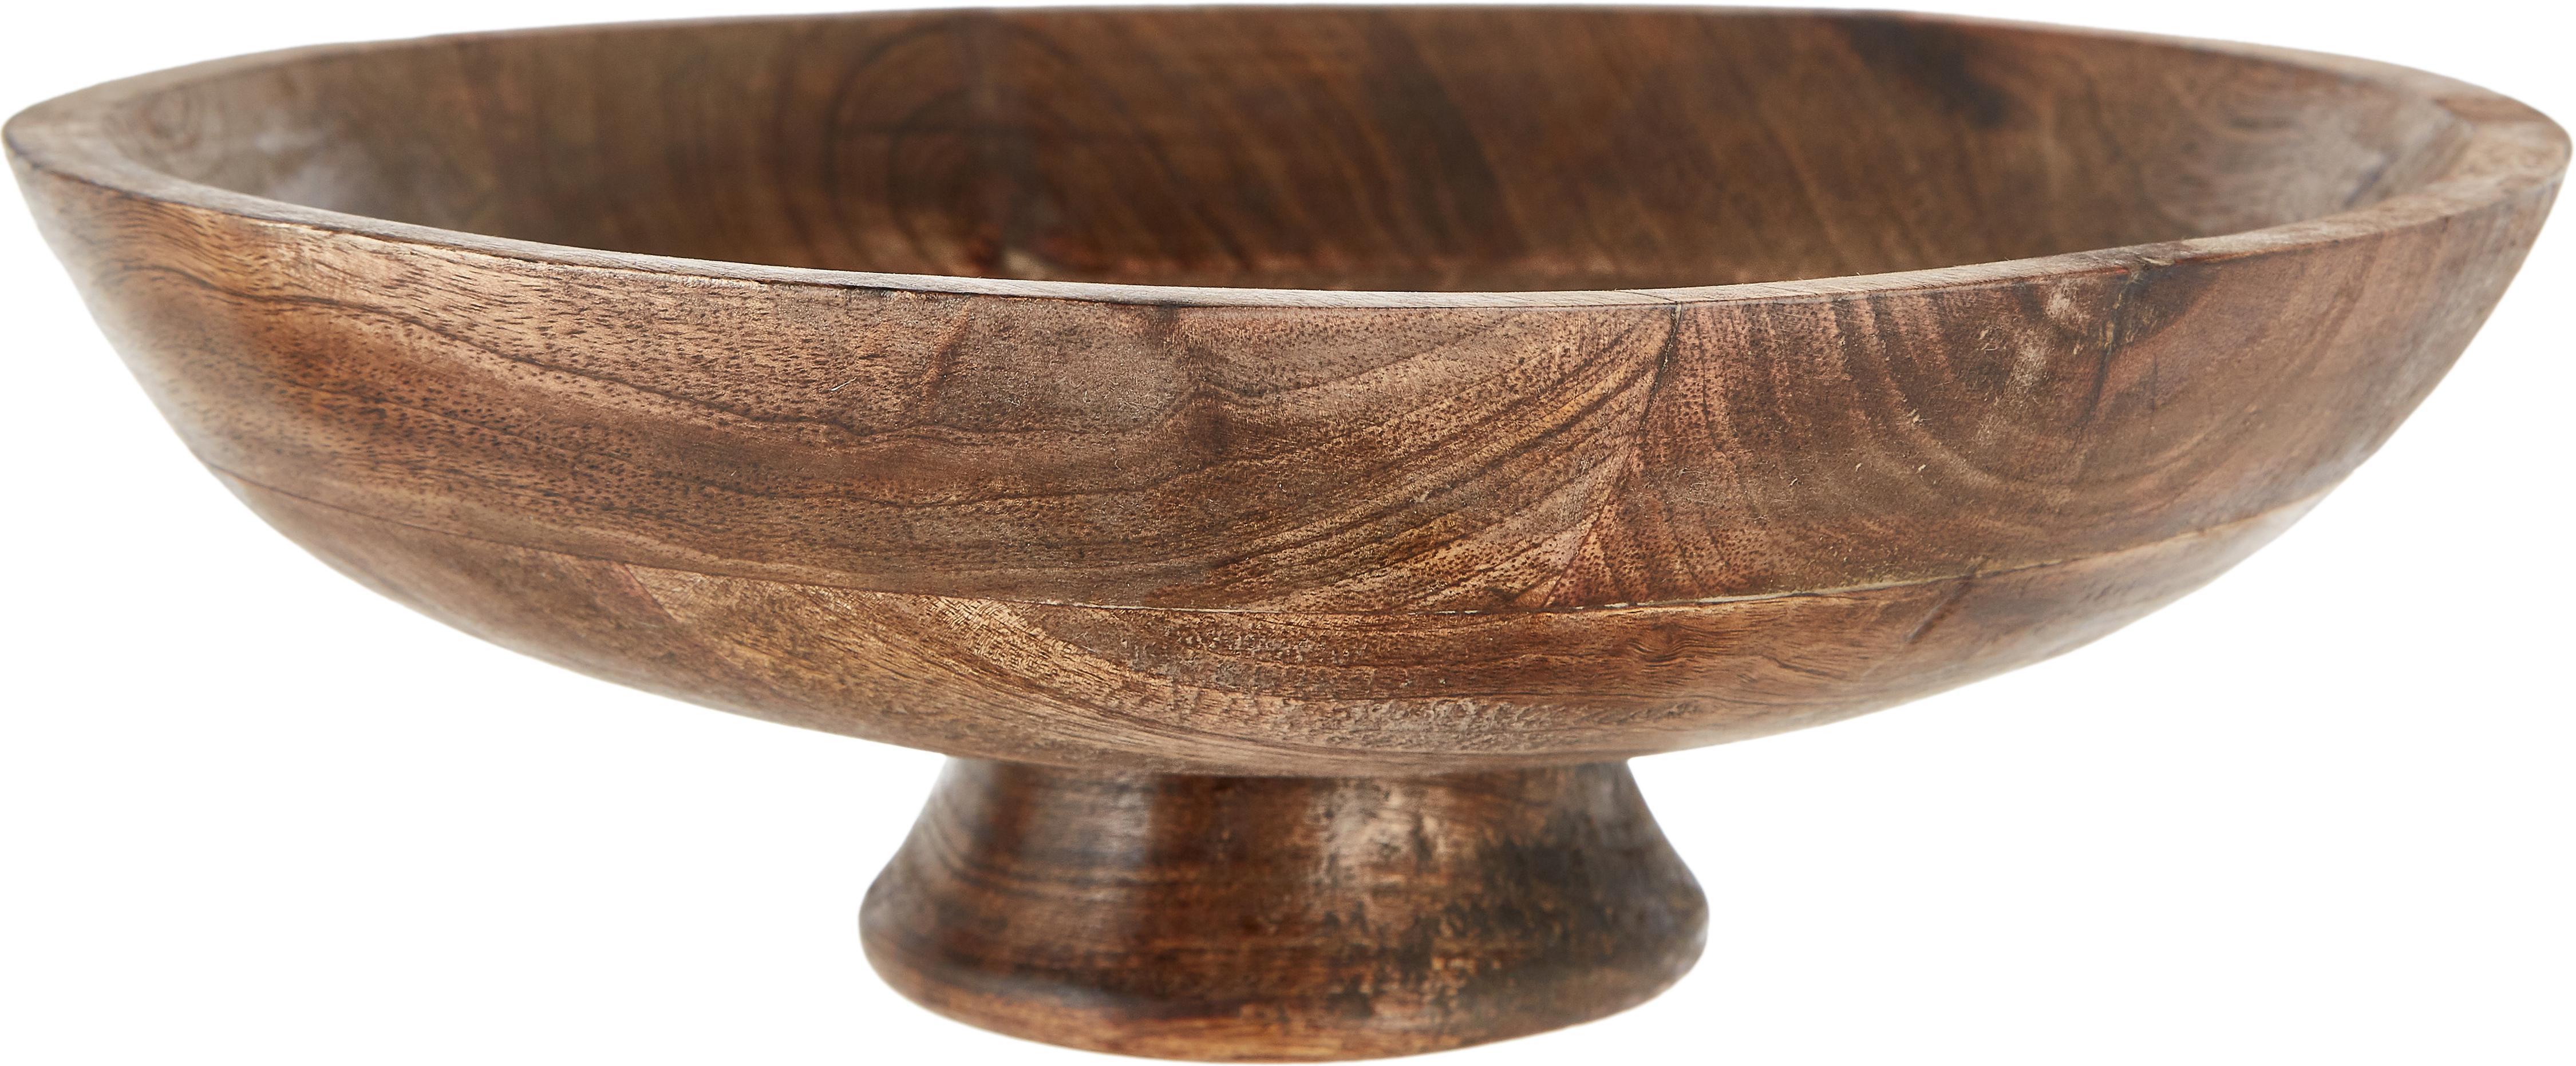 Deko-Schale Helia, Mangoholz, Mangoholz, Ø 30 cm